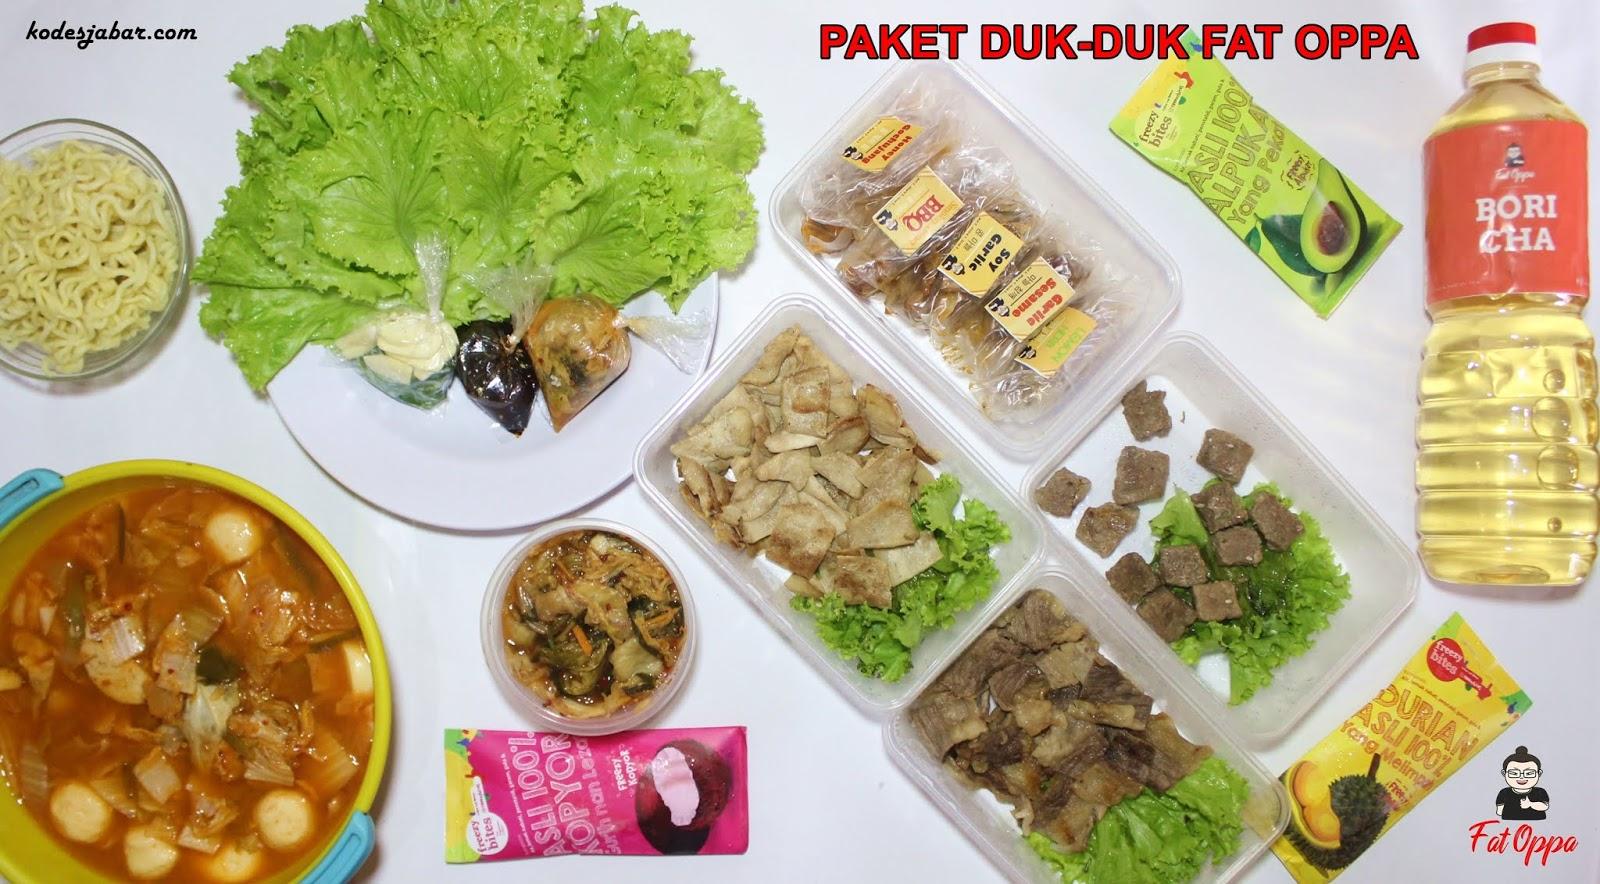 Paket Duk-Duk Fat Oppa, Menu Andalan Selama Bulan Ramadhan